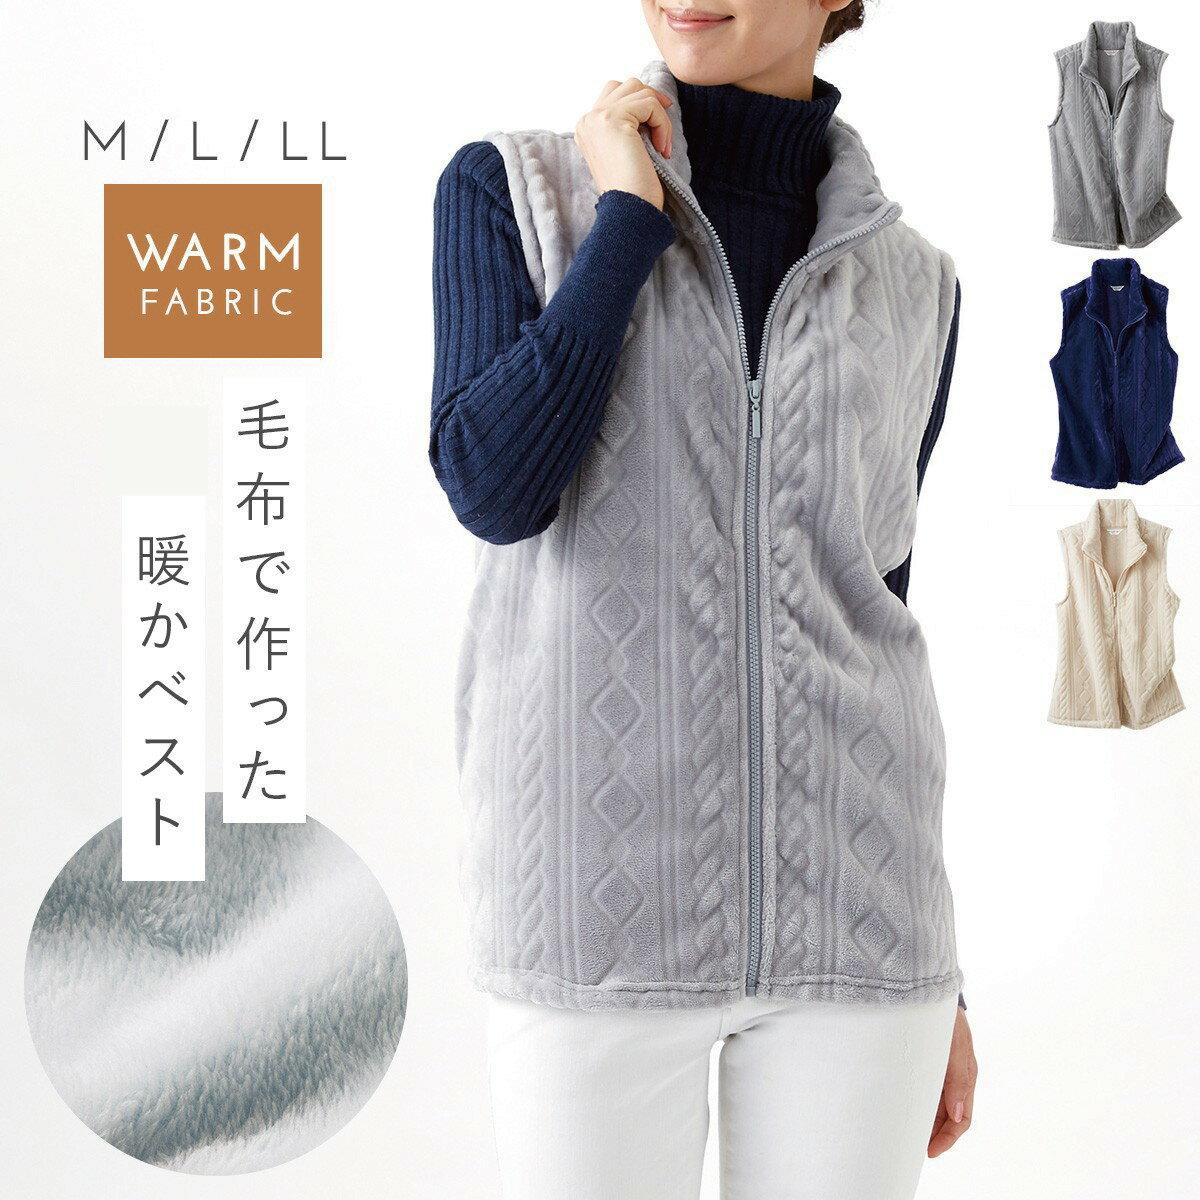 ベスト アウター 着る毛布 あったか レディース  毛布でつくったふわふわベスト M-LL レディースファッション